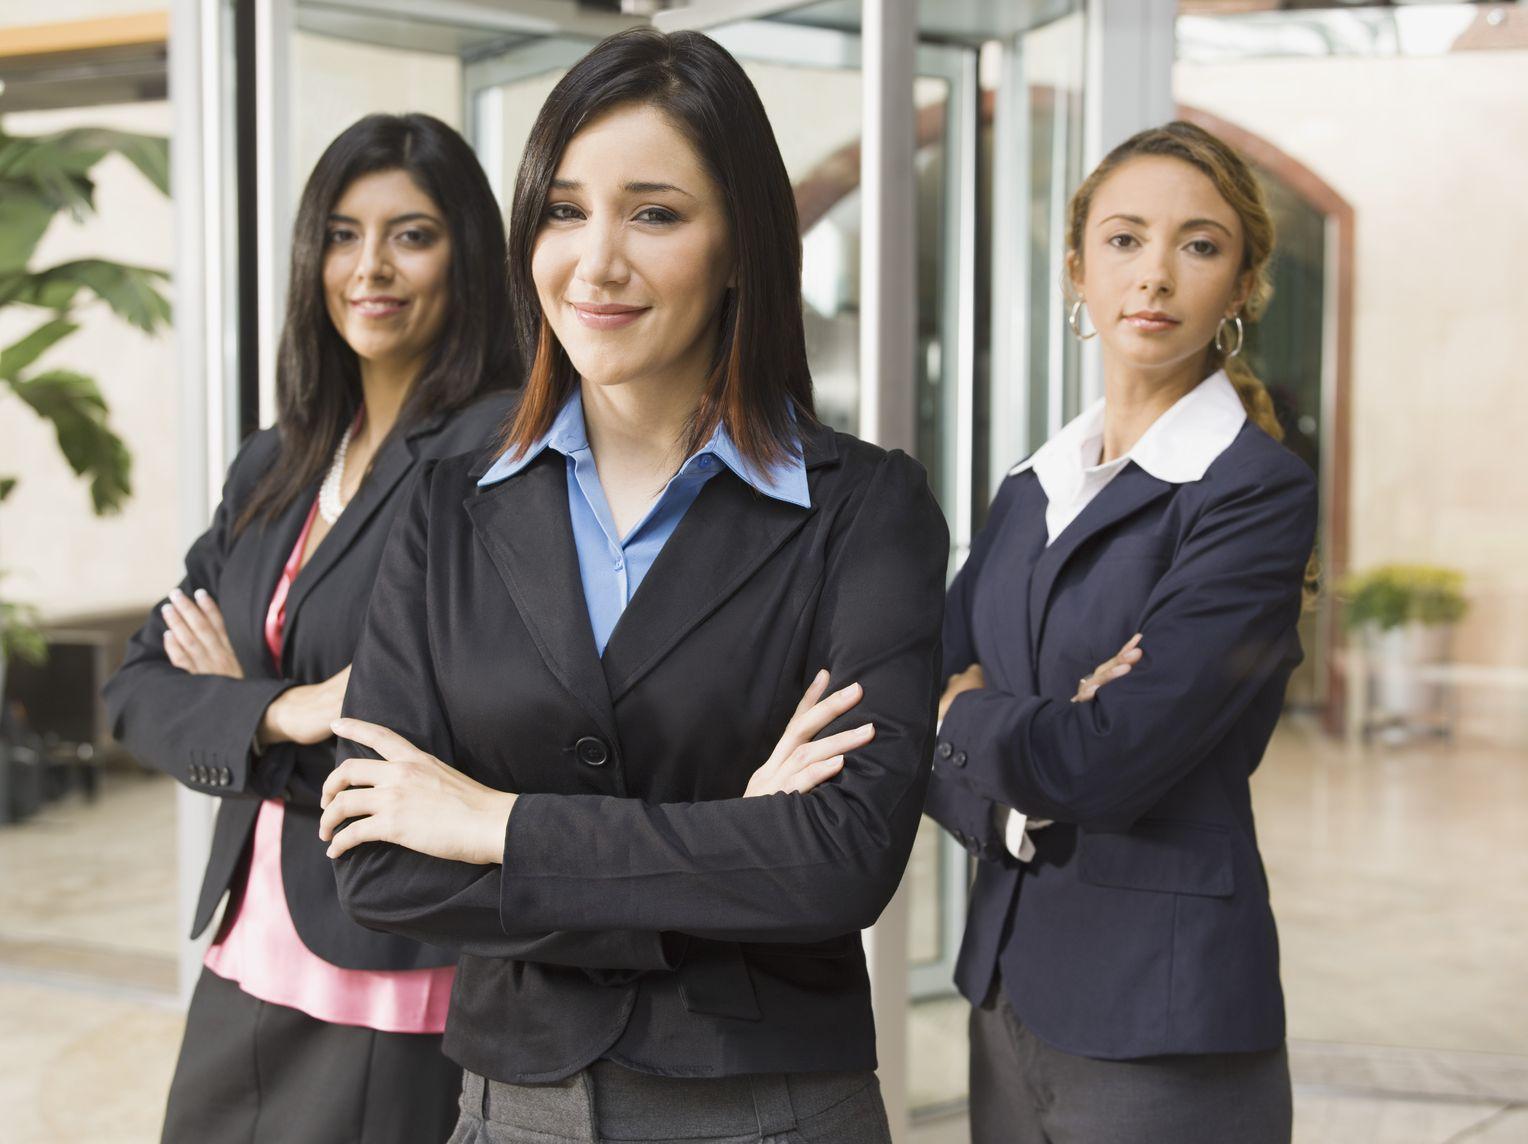 Berufstätige frauen, die männer suchen